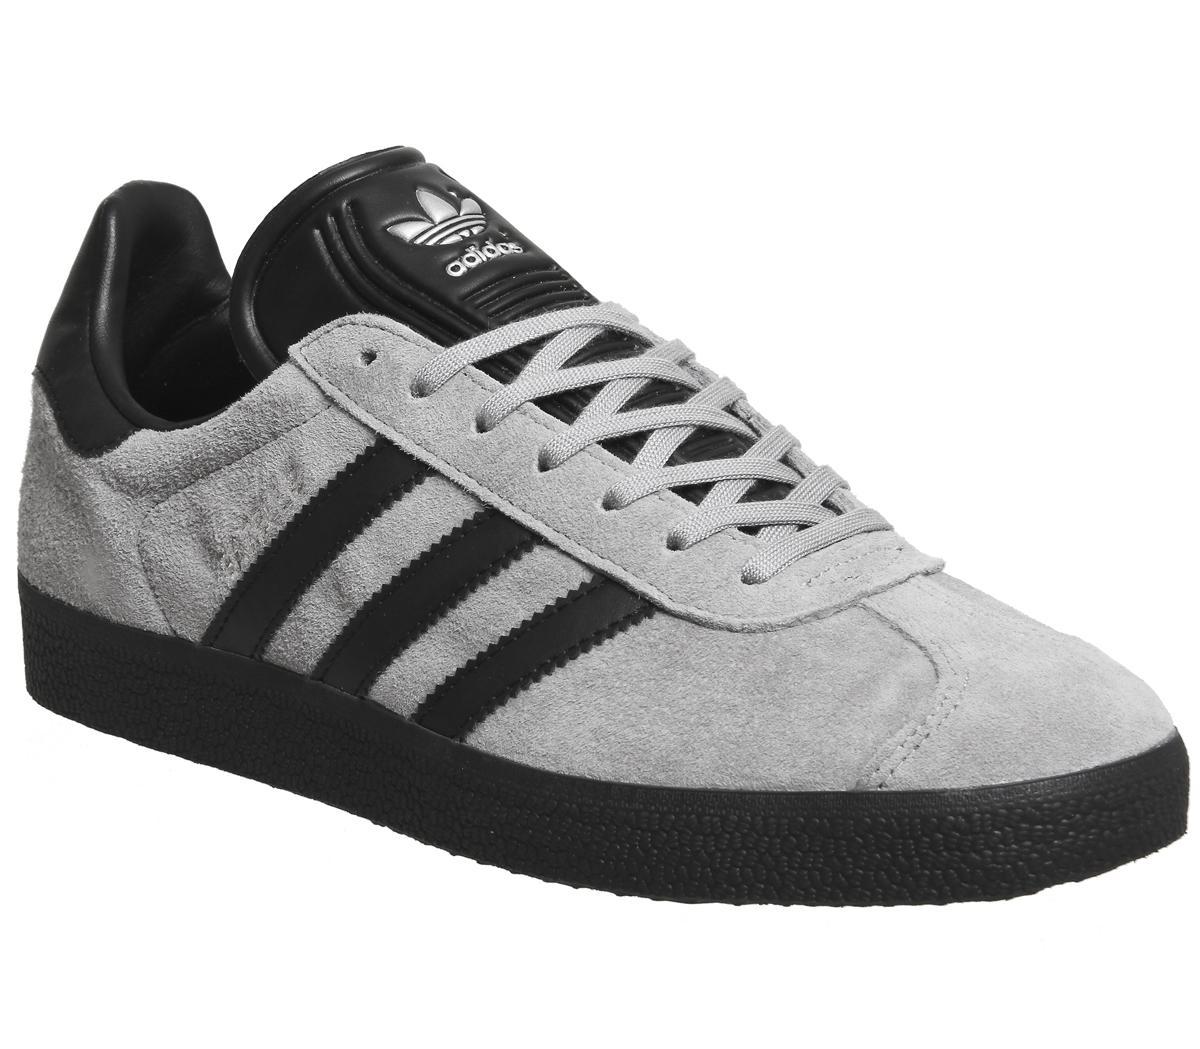 adidas gazelle junior grey